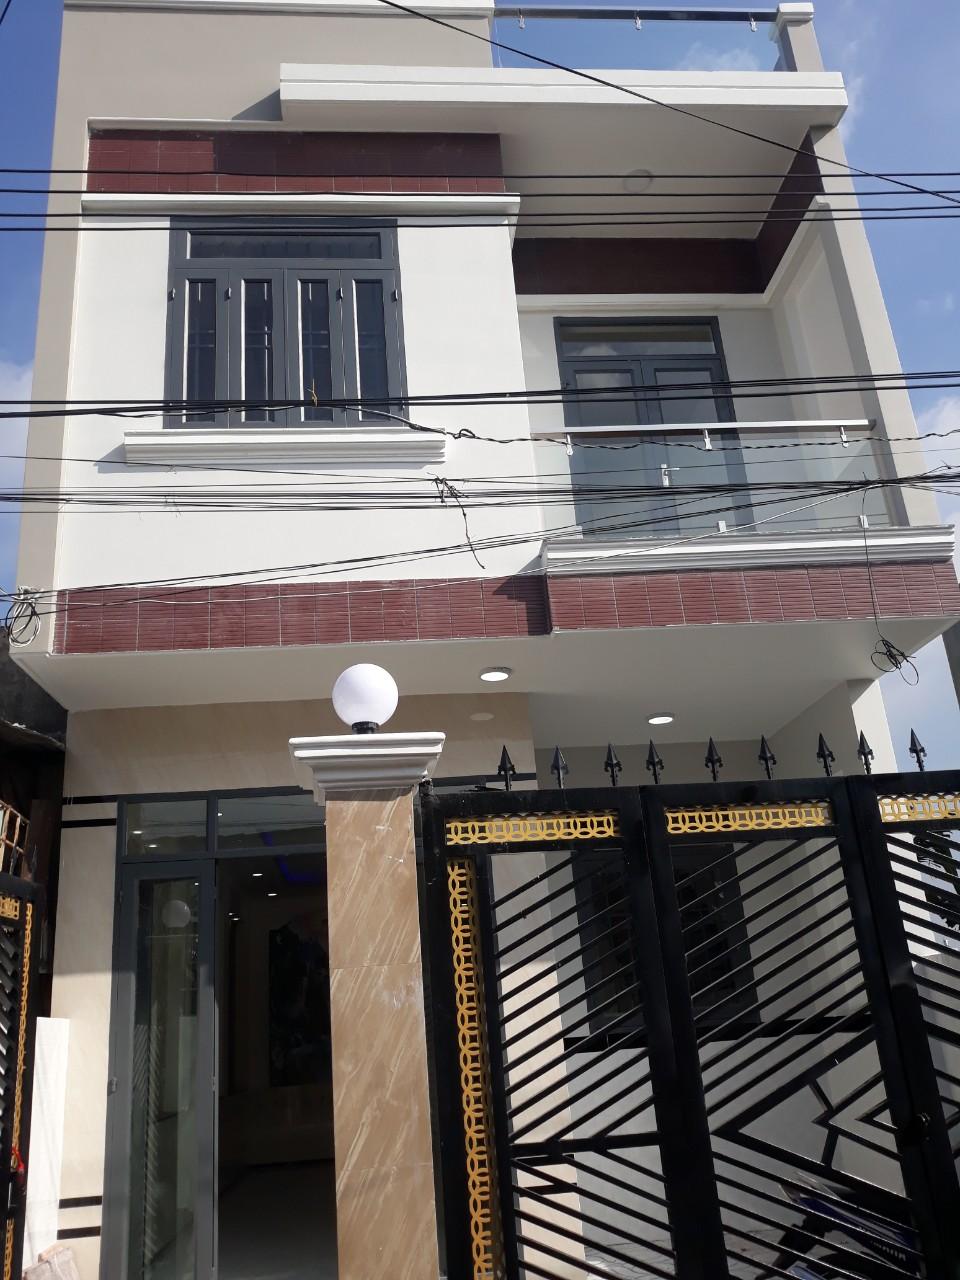 Bán nhà 1 lầu 1 trệt gần đương Nguyễn Đức Thiệu,Dĩ An,Bình Dương